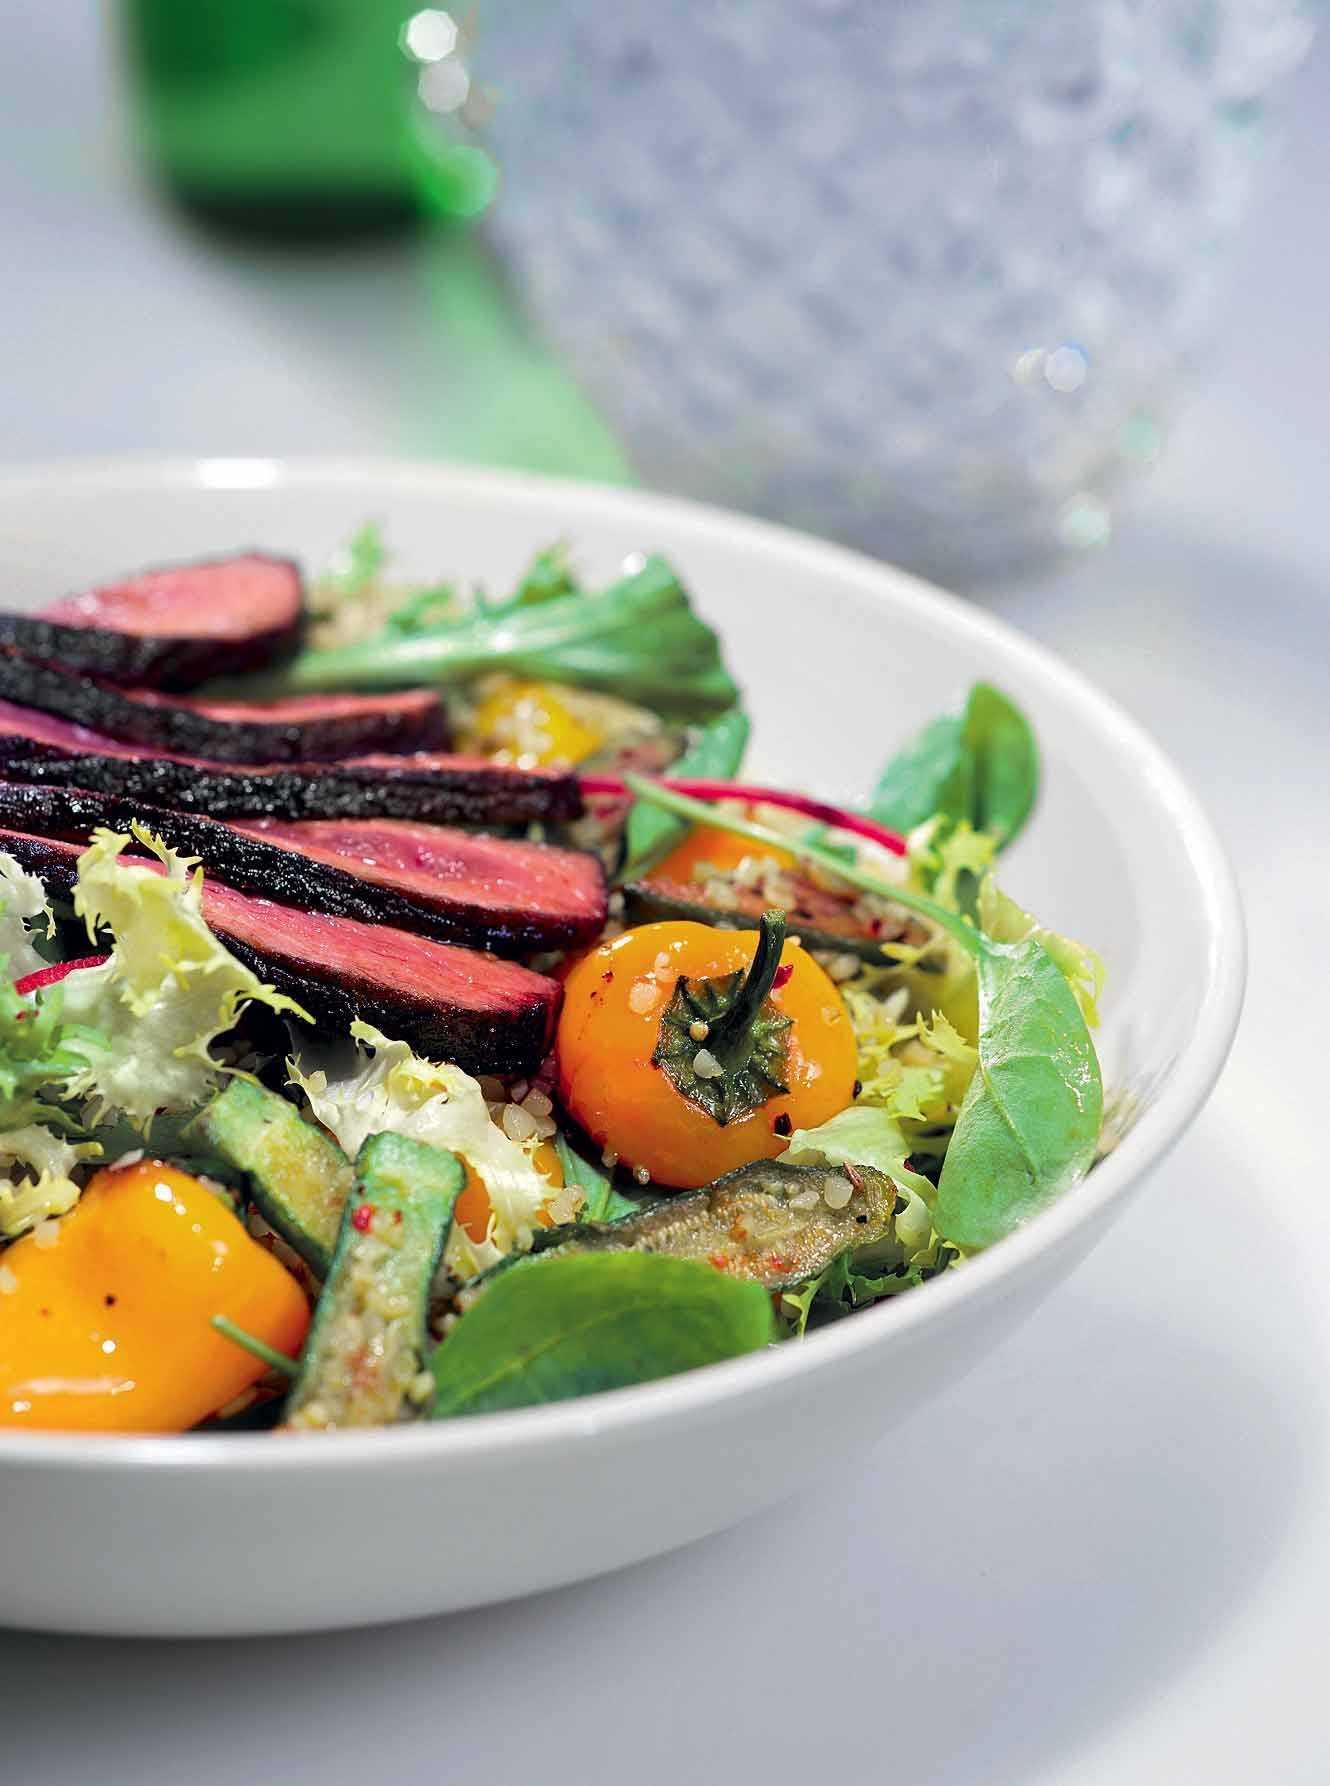 Как приготовить салат с булгуром и овощами: поиск по ингредиентам, советы, отзывы, пошаговые фото, подсчет калорий, изменение порций, похожие рецепты